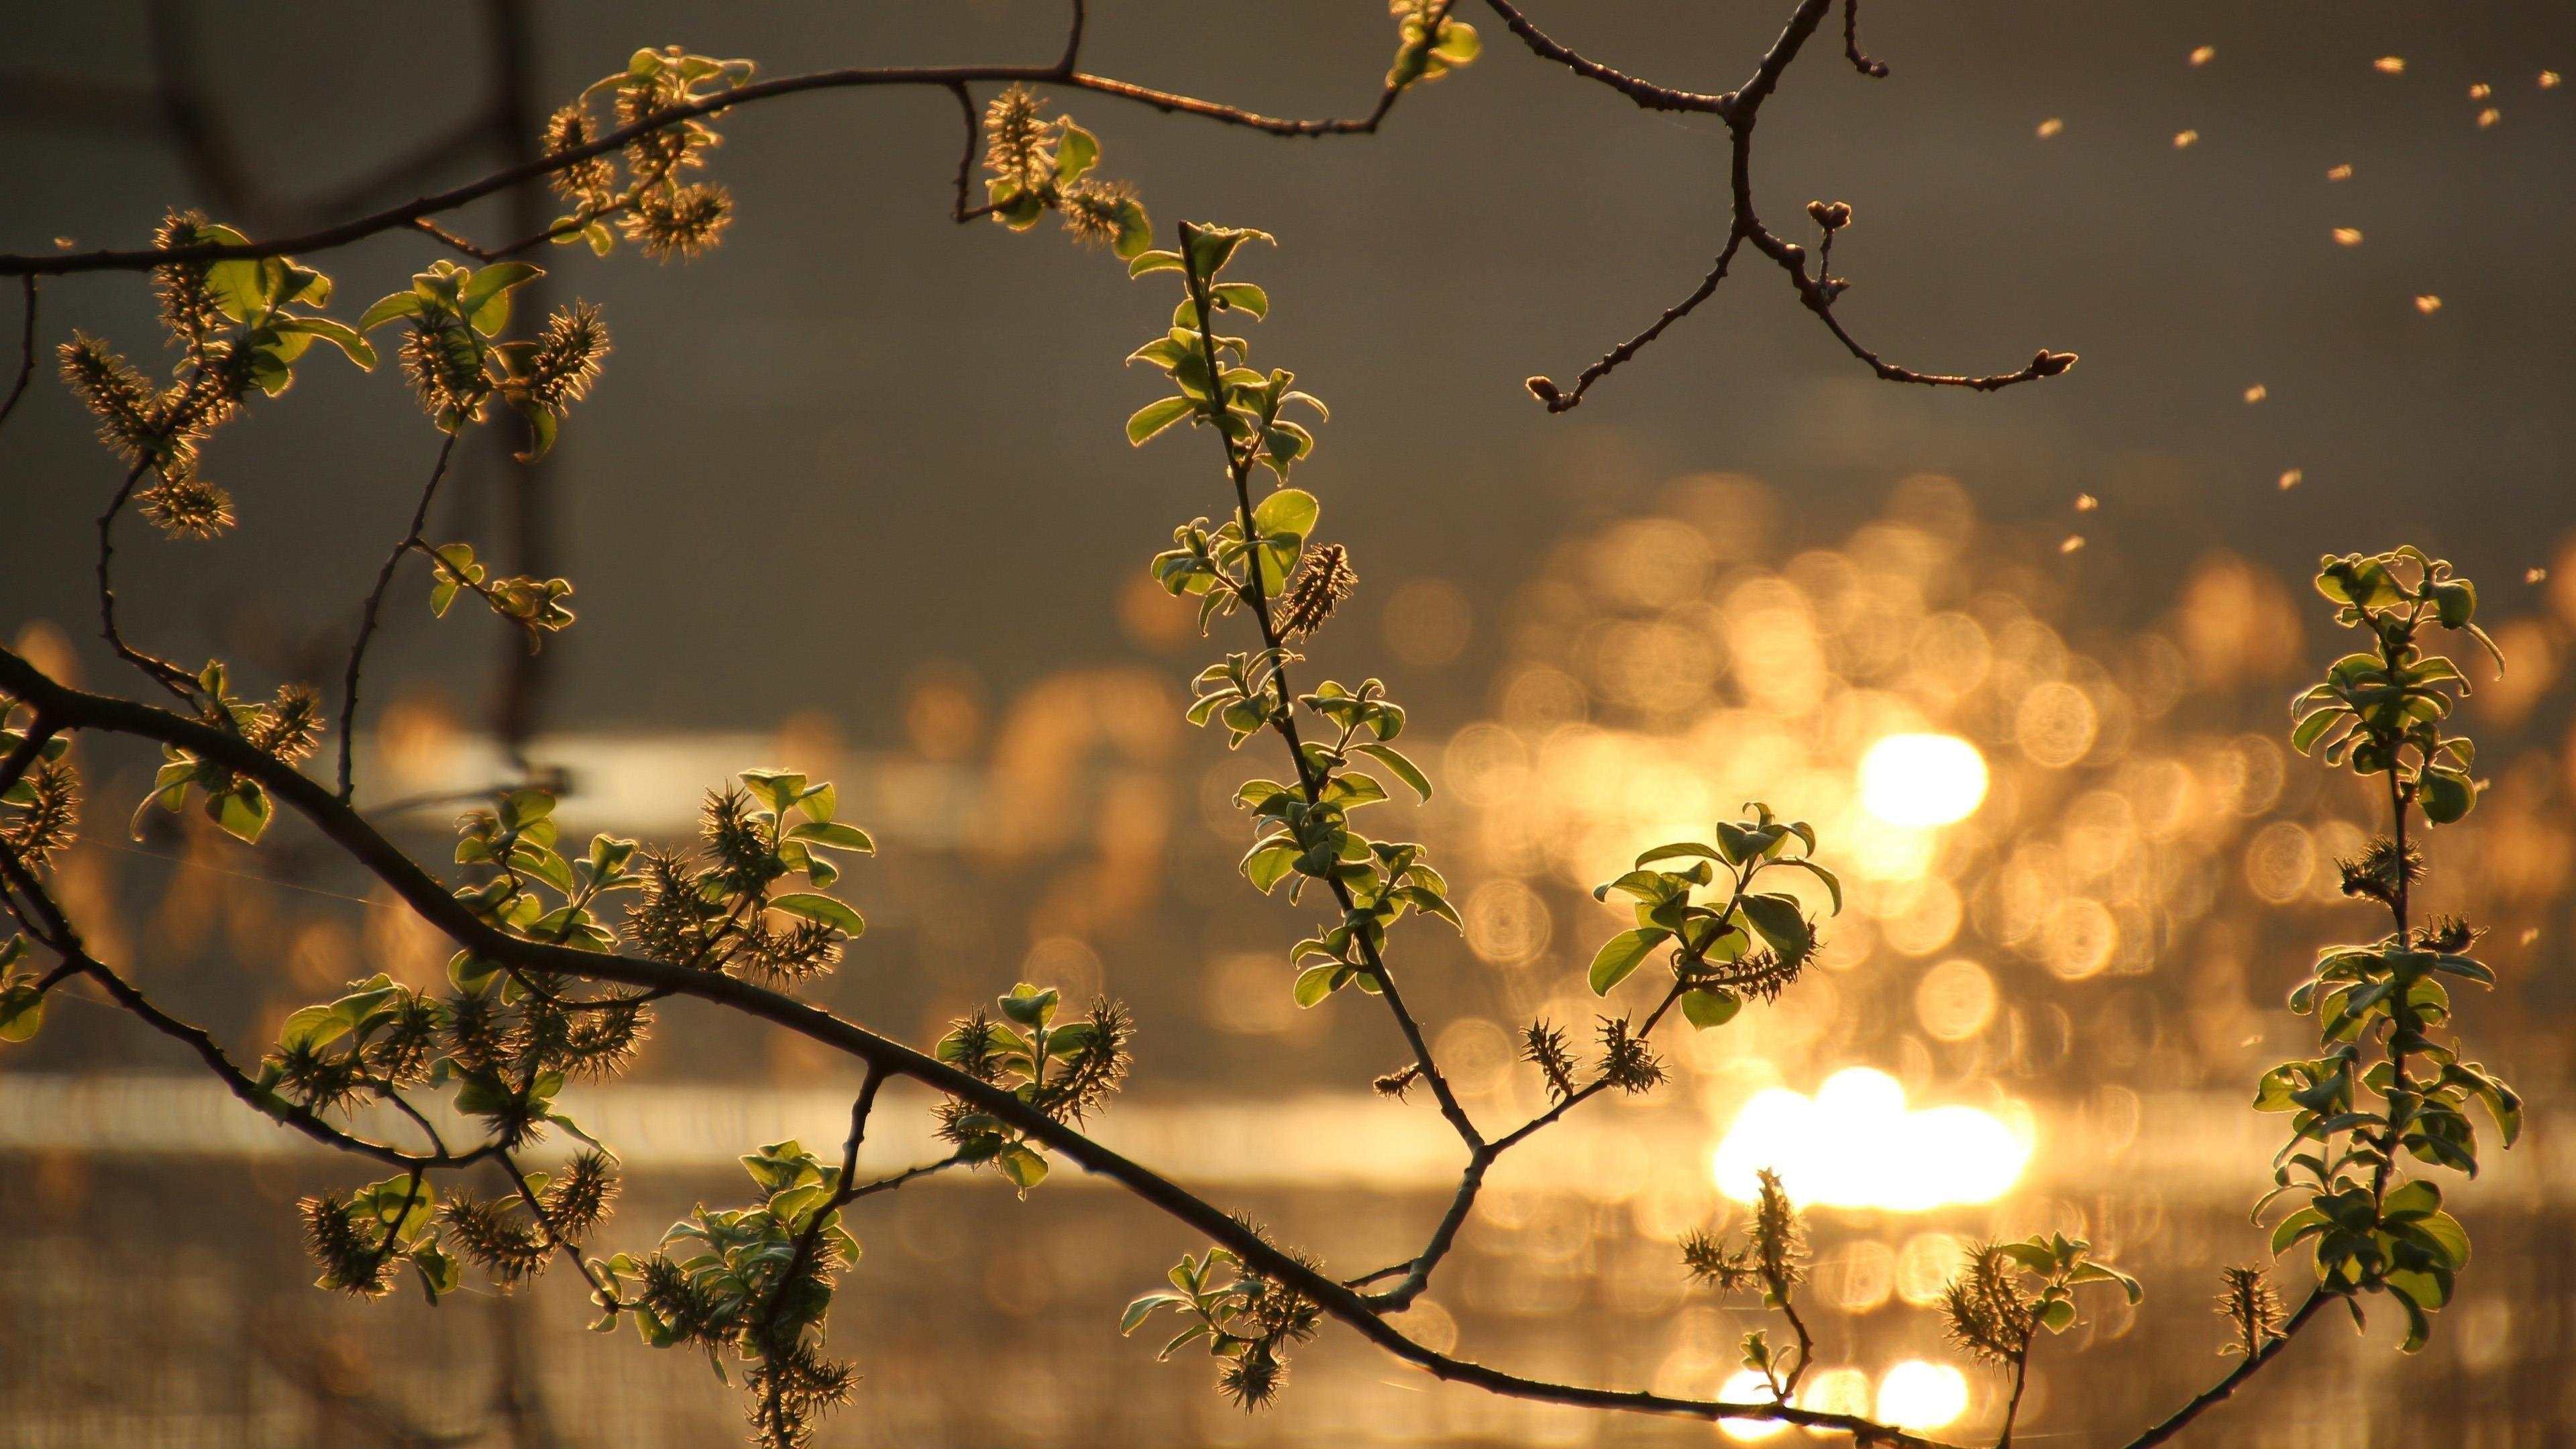 Зеленый лист растения ветка с размытым фоном природа обои скачать